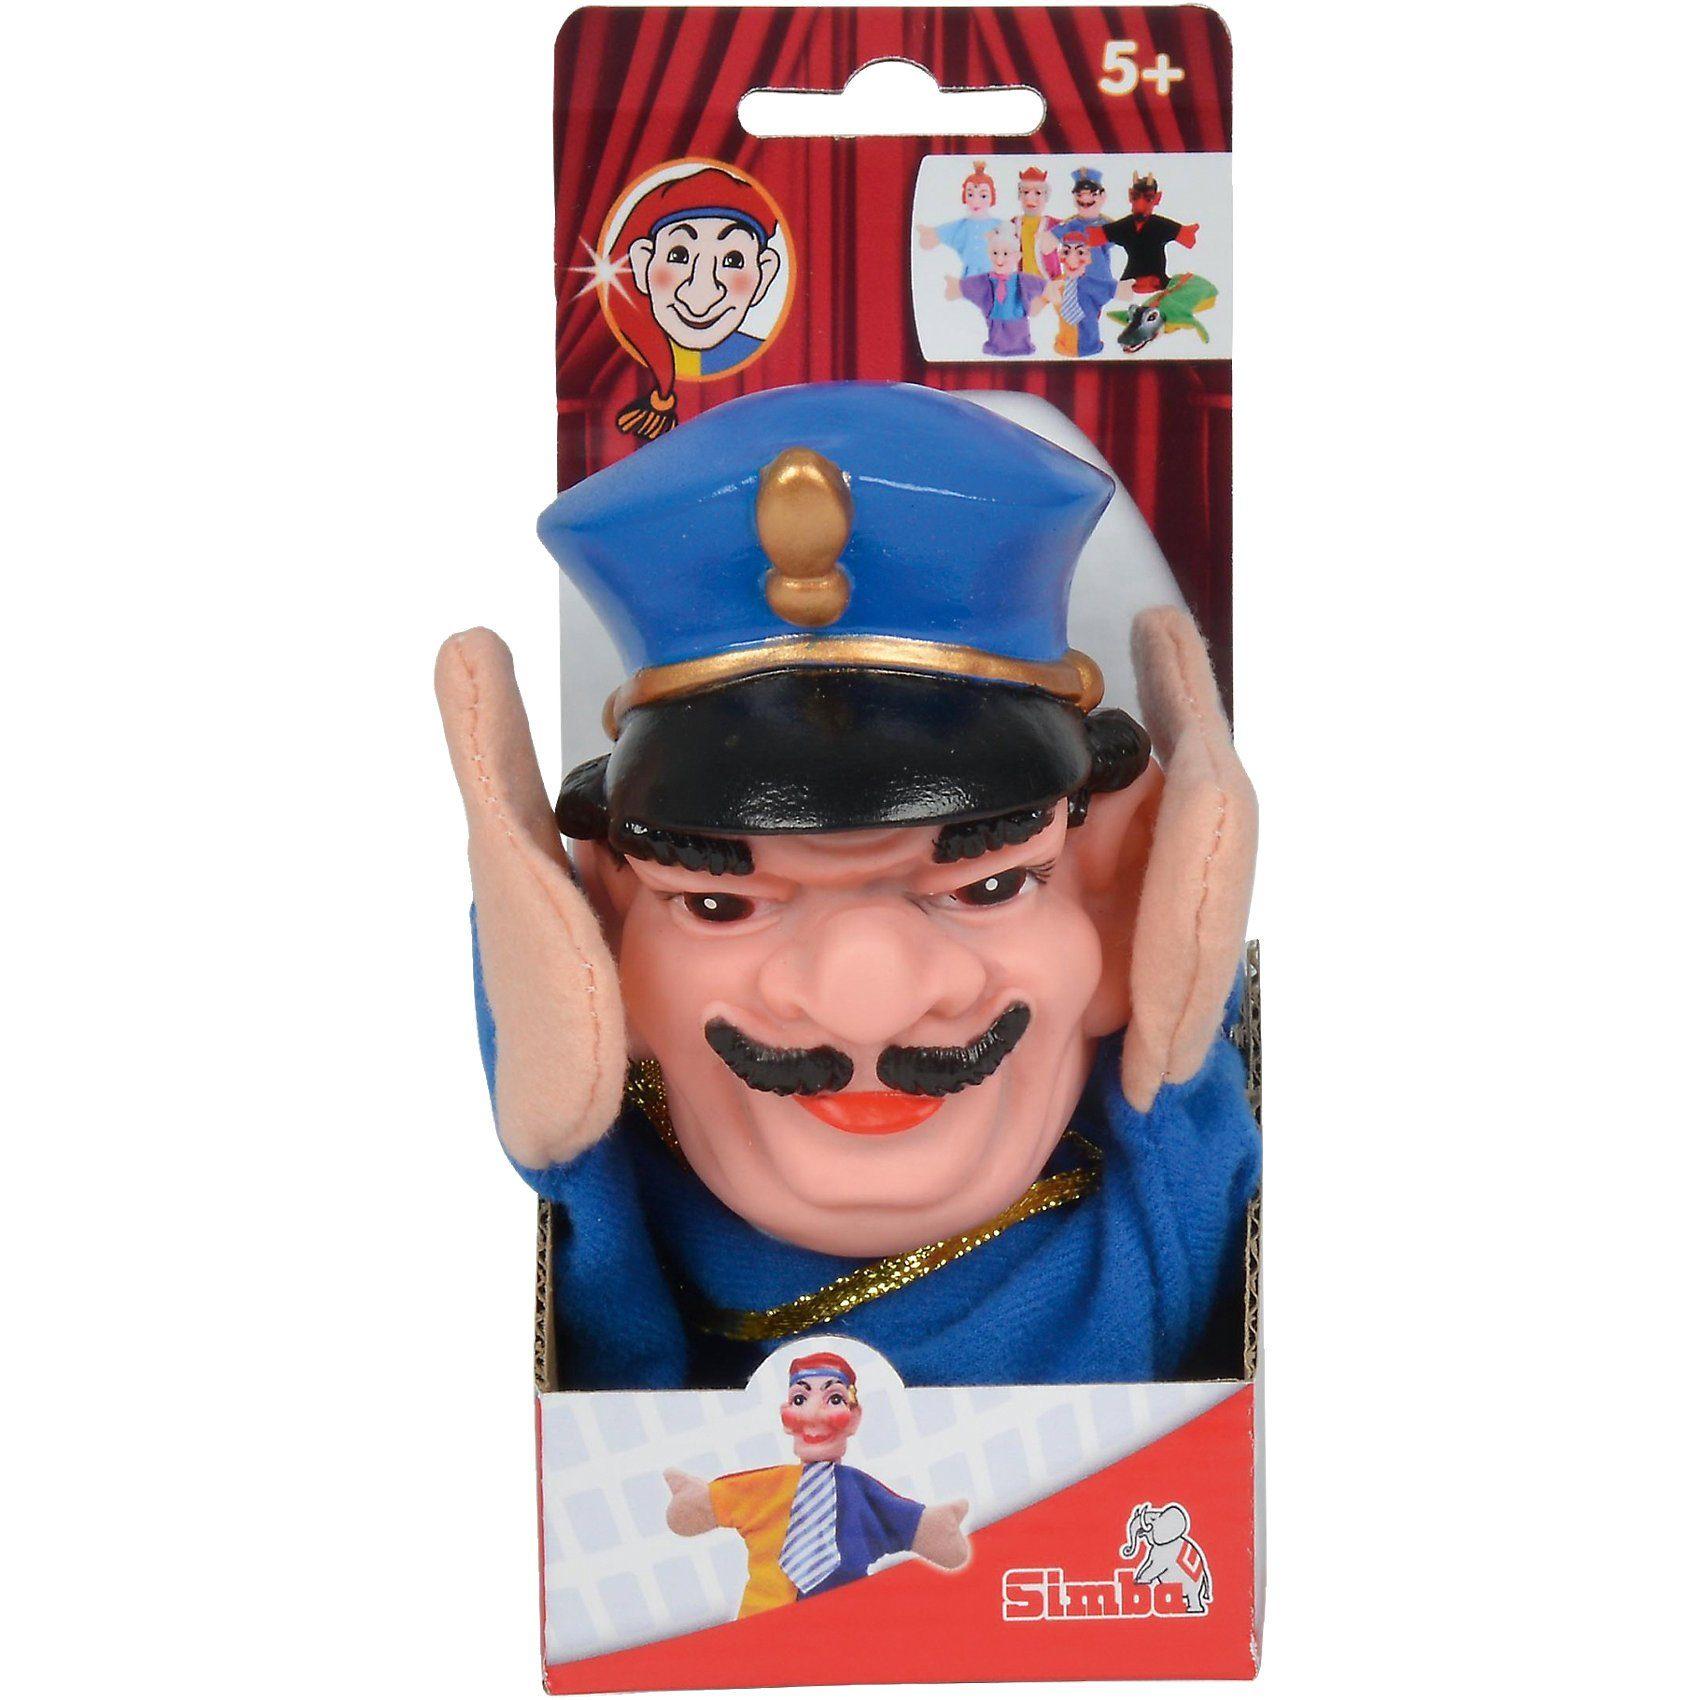 Simba Handspielfiguren - Polizist, 27 cm